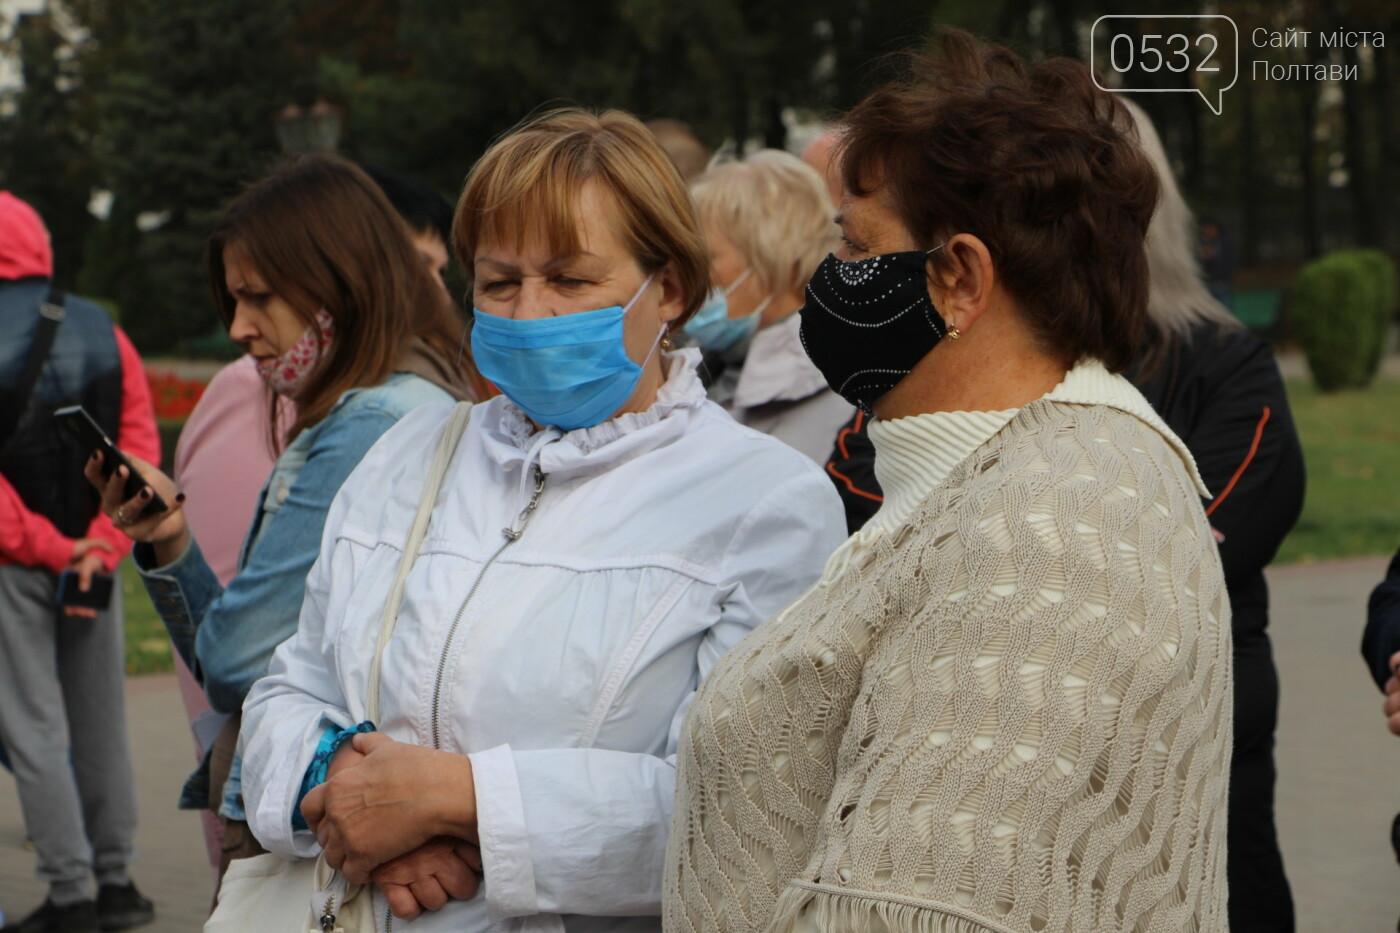 """Полтава вийшла проти """"червоної"""" зони: скільки людей і чого вимагають (ФОТОРЕПОРТАЖ), фото-3"""